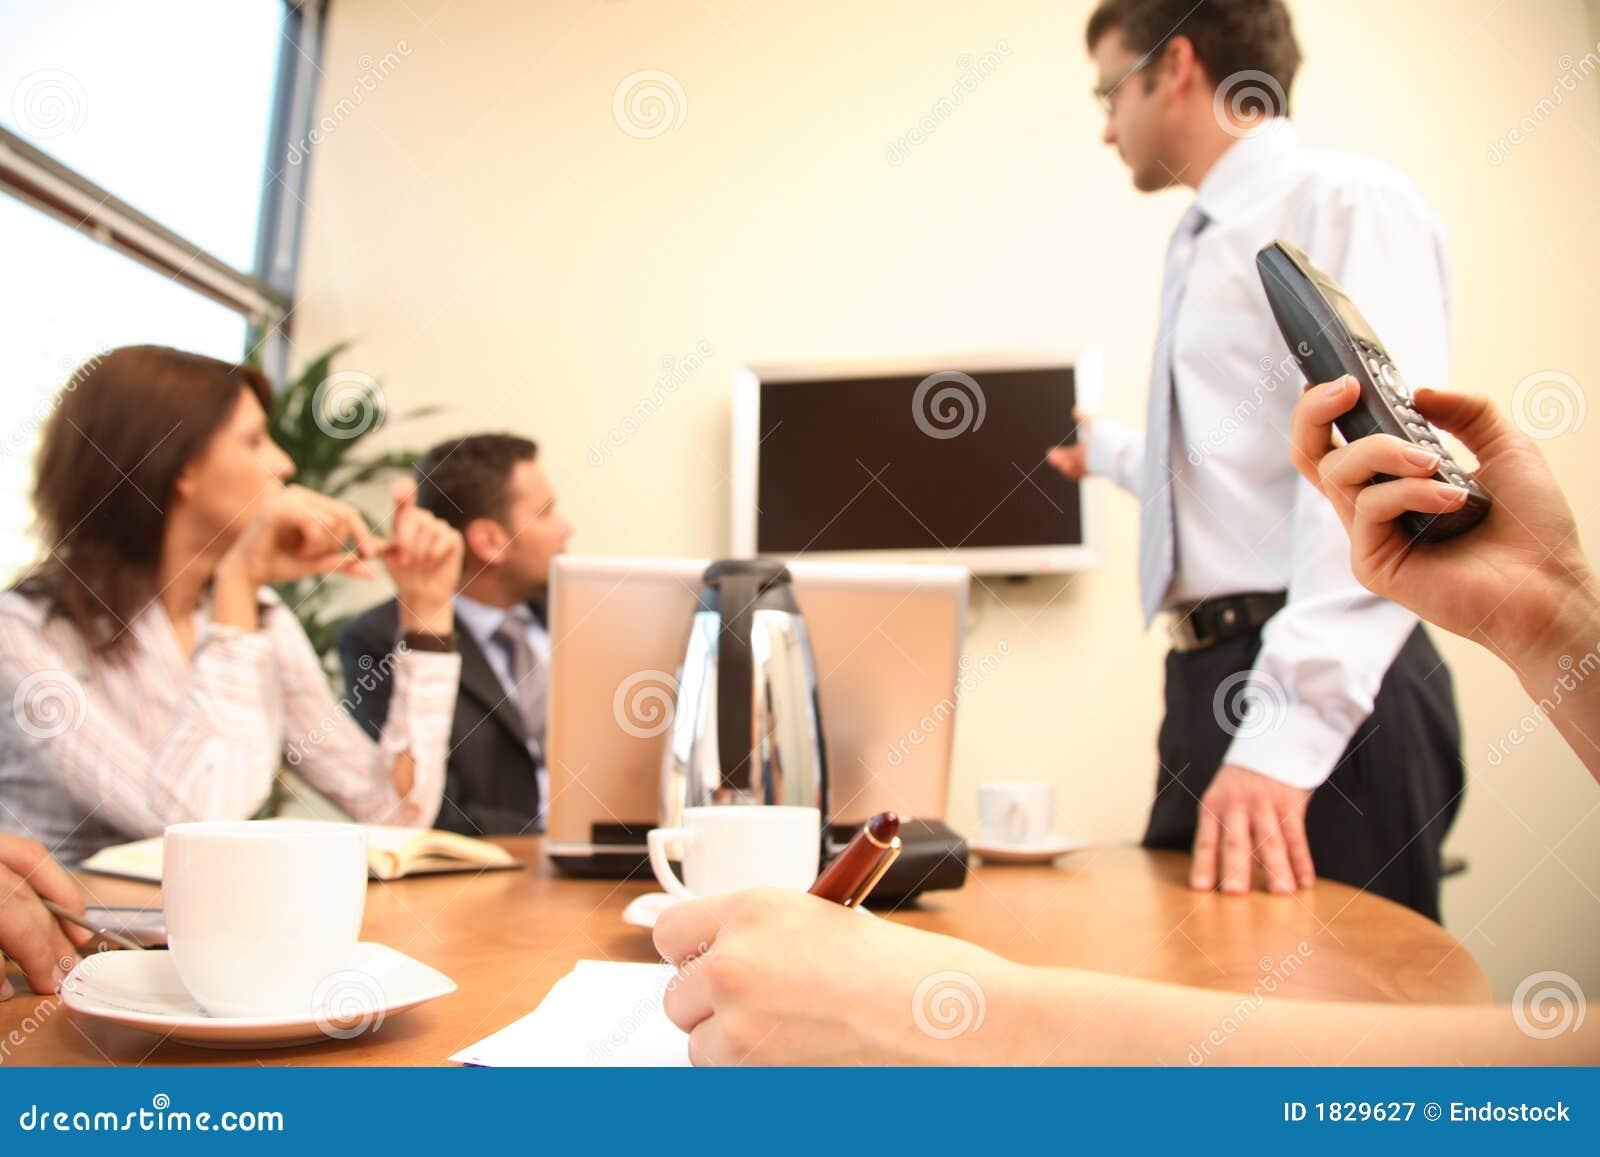 Sirva la fabricación de la presentación en la pantalla de la TV al grupo de personas